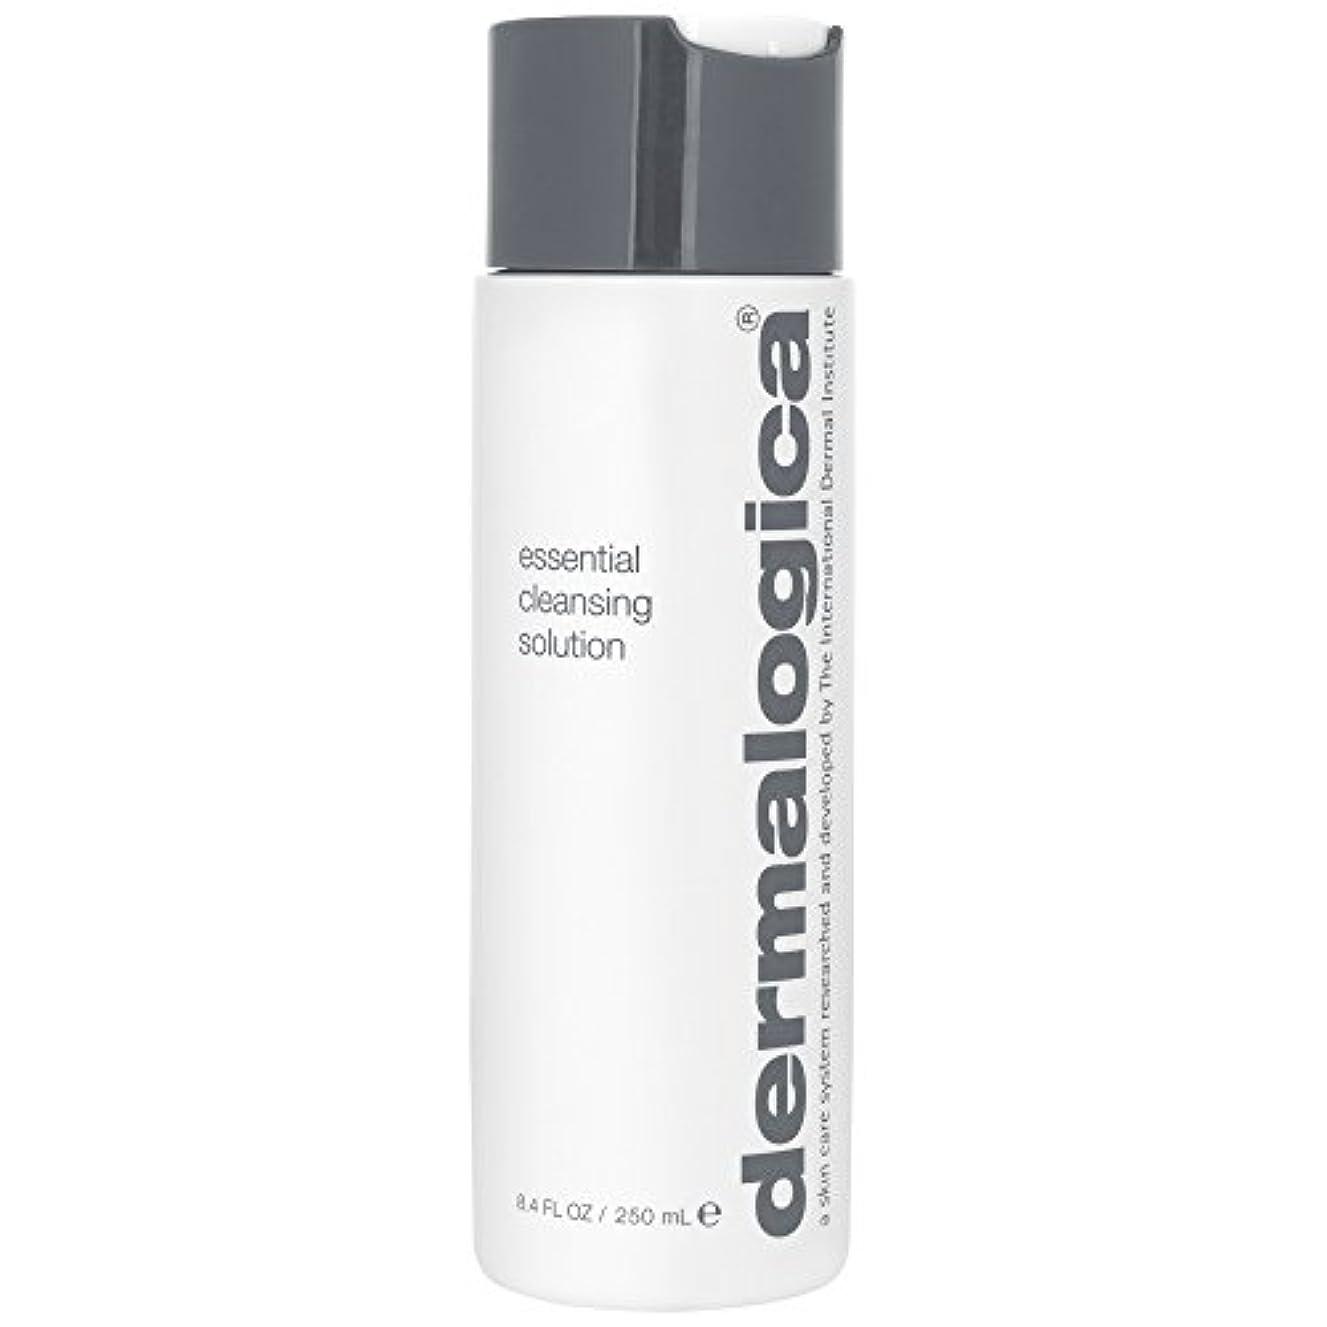 パイル免除チキンダーマロジカ不可欠な洗浄液の250ミリリットル (Dermalogica) (x6) - Dermalogica Essential Cleansing Solution 250ml (Pack of 6) [並行輸入品]